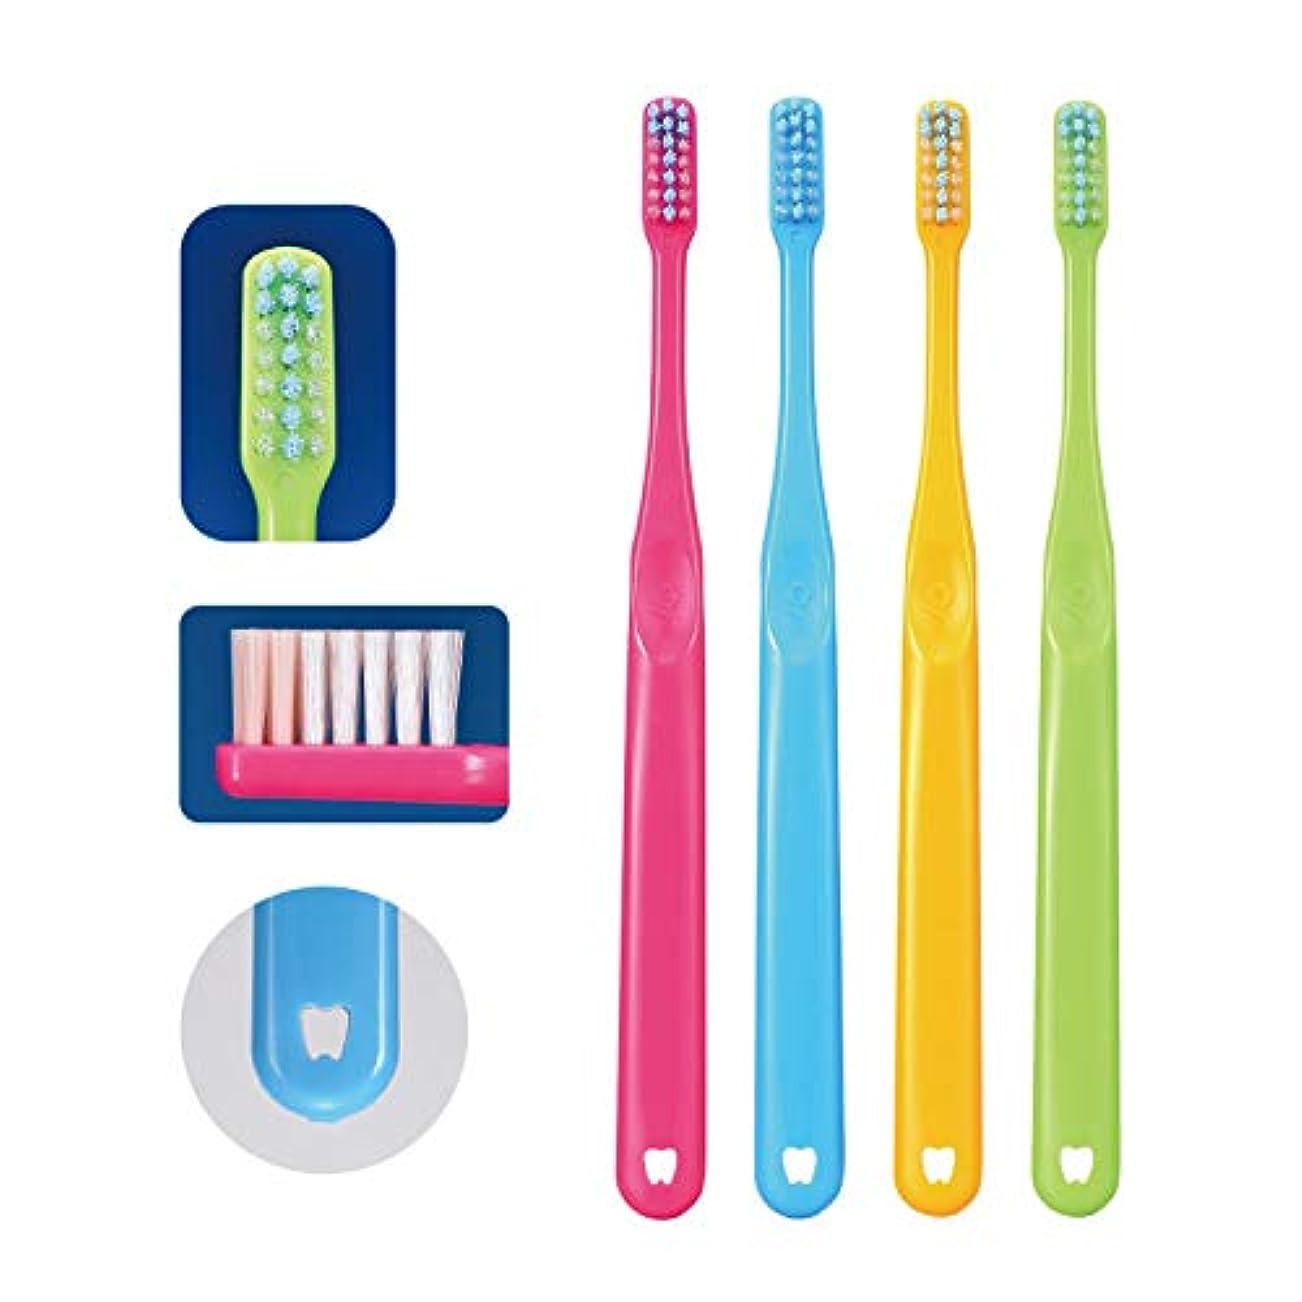 パーツ設計図ツールCi PRO PLUS プロプラス 歯ブラシ 20本 M(ふつう) 日本製 プラーク除去 歯科専売品